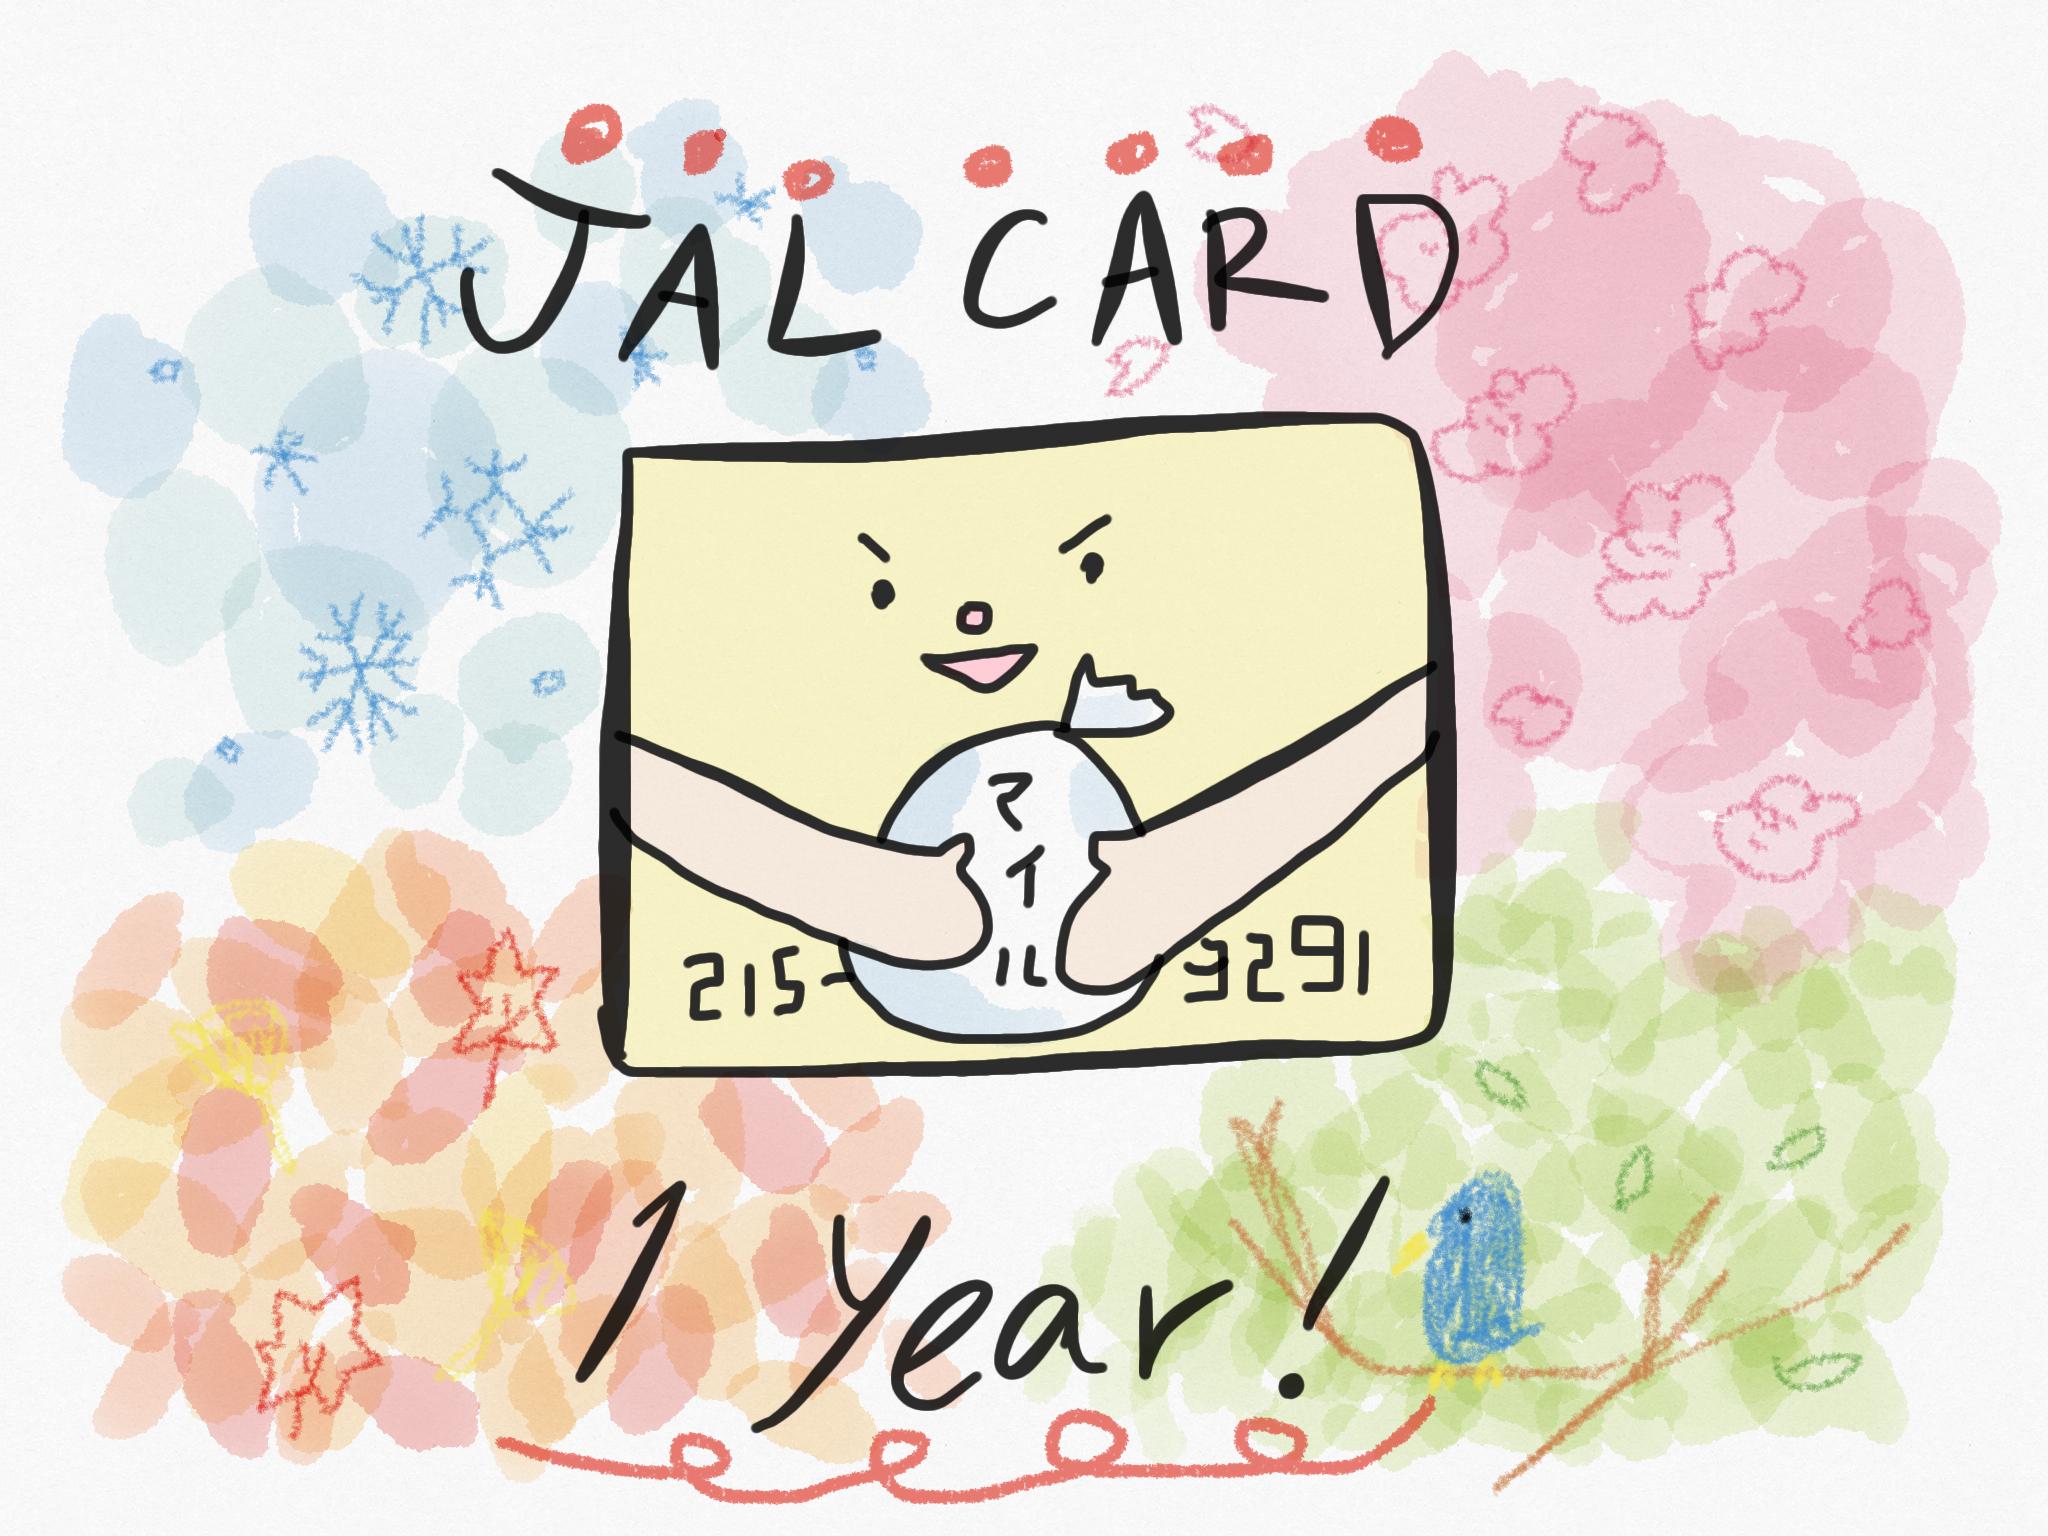 JAL USAカードを1年間使ってたまったマイレージ全公開!